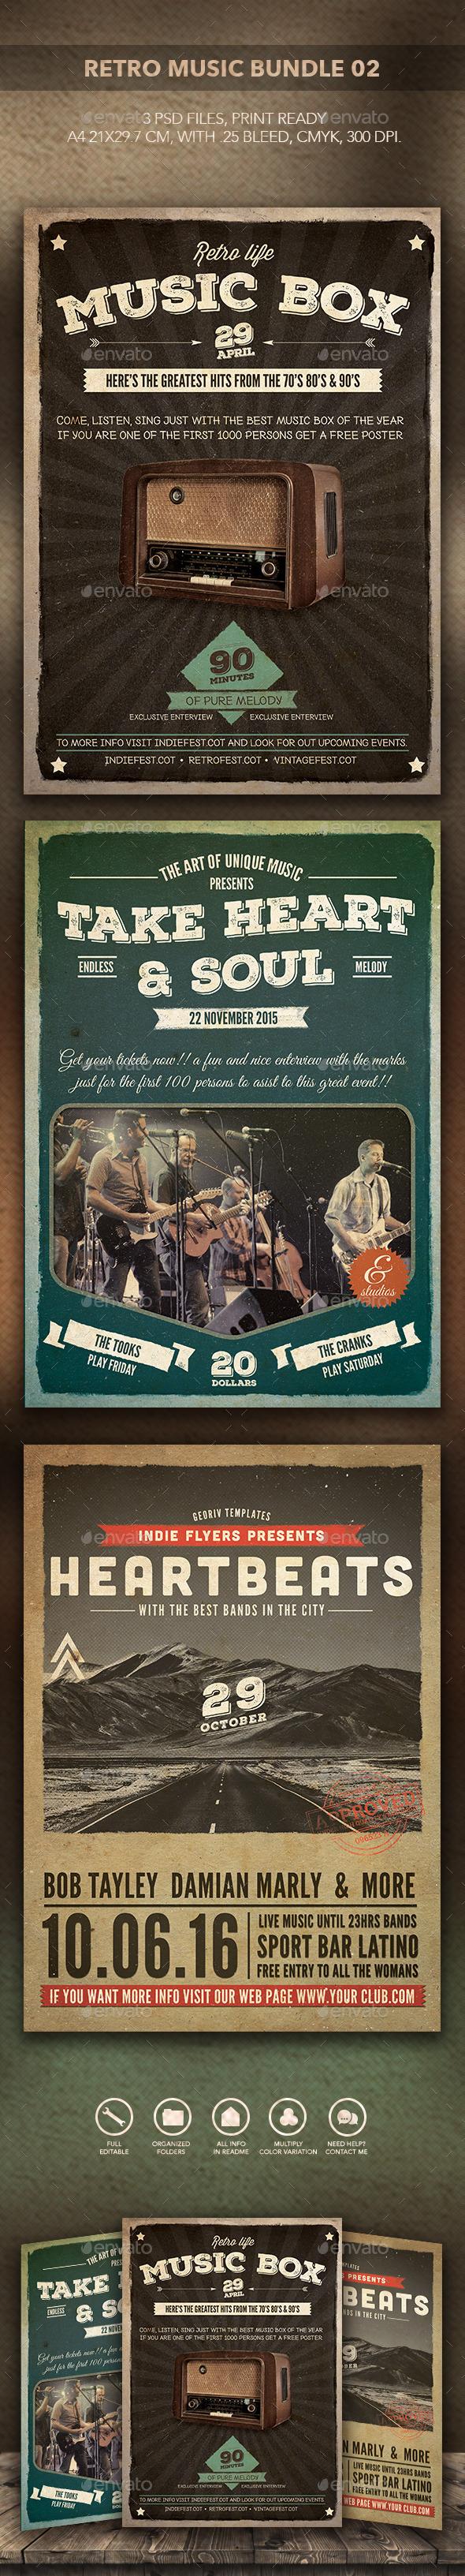 Retro Music Bundle 02 - Events Flyers